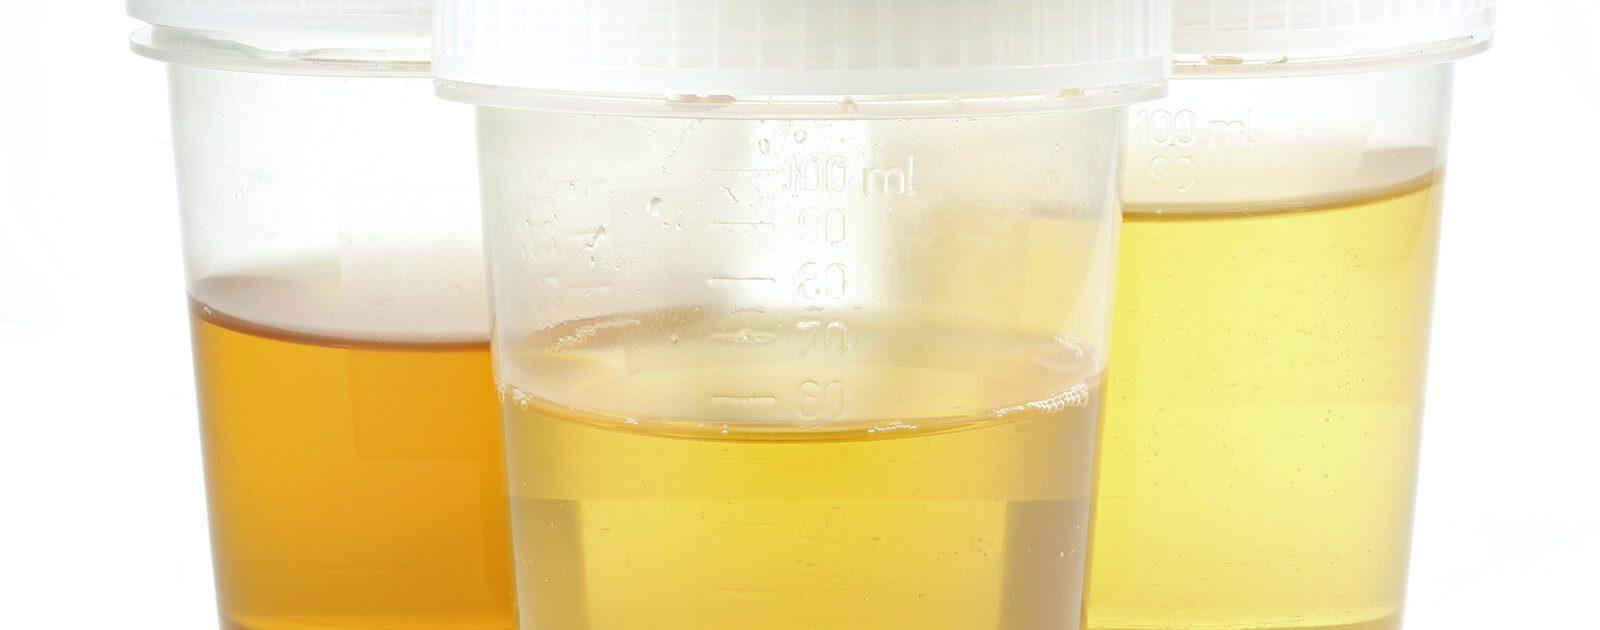 3-Gläser-Probe zur Untersuchung des Urins